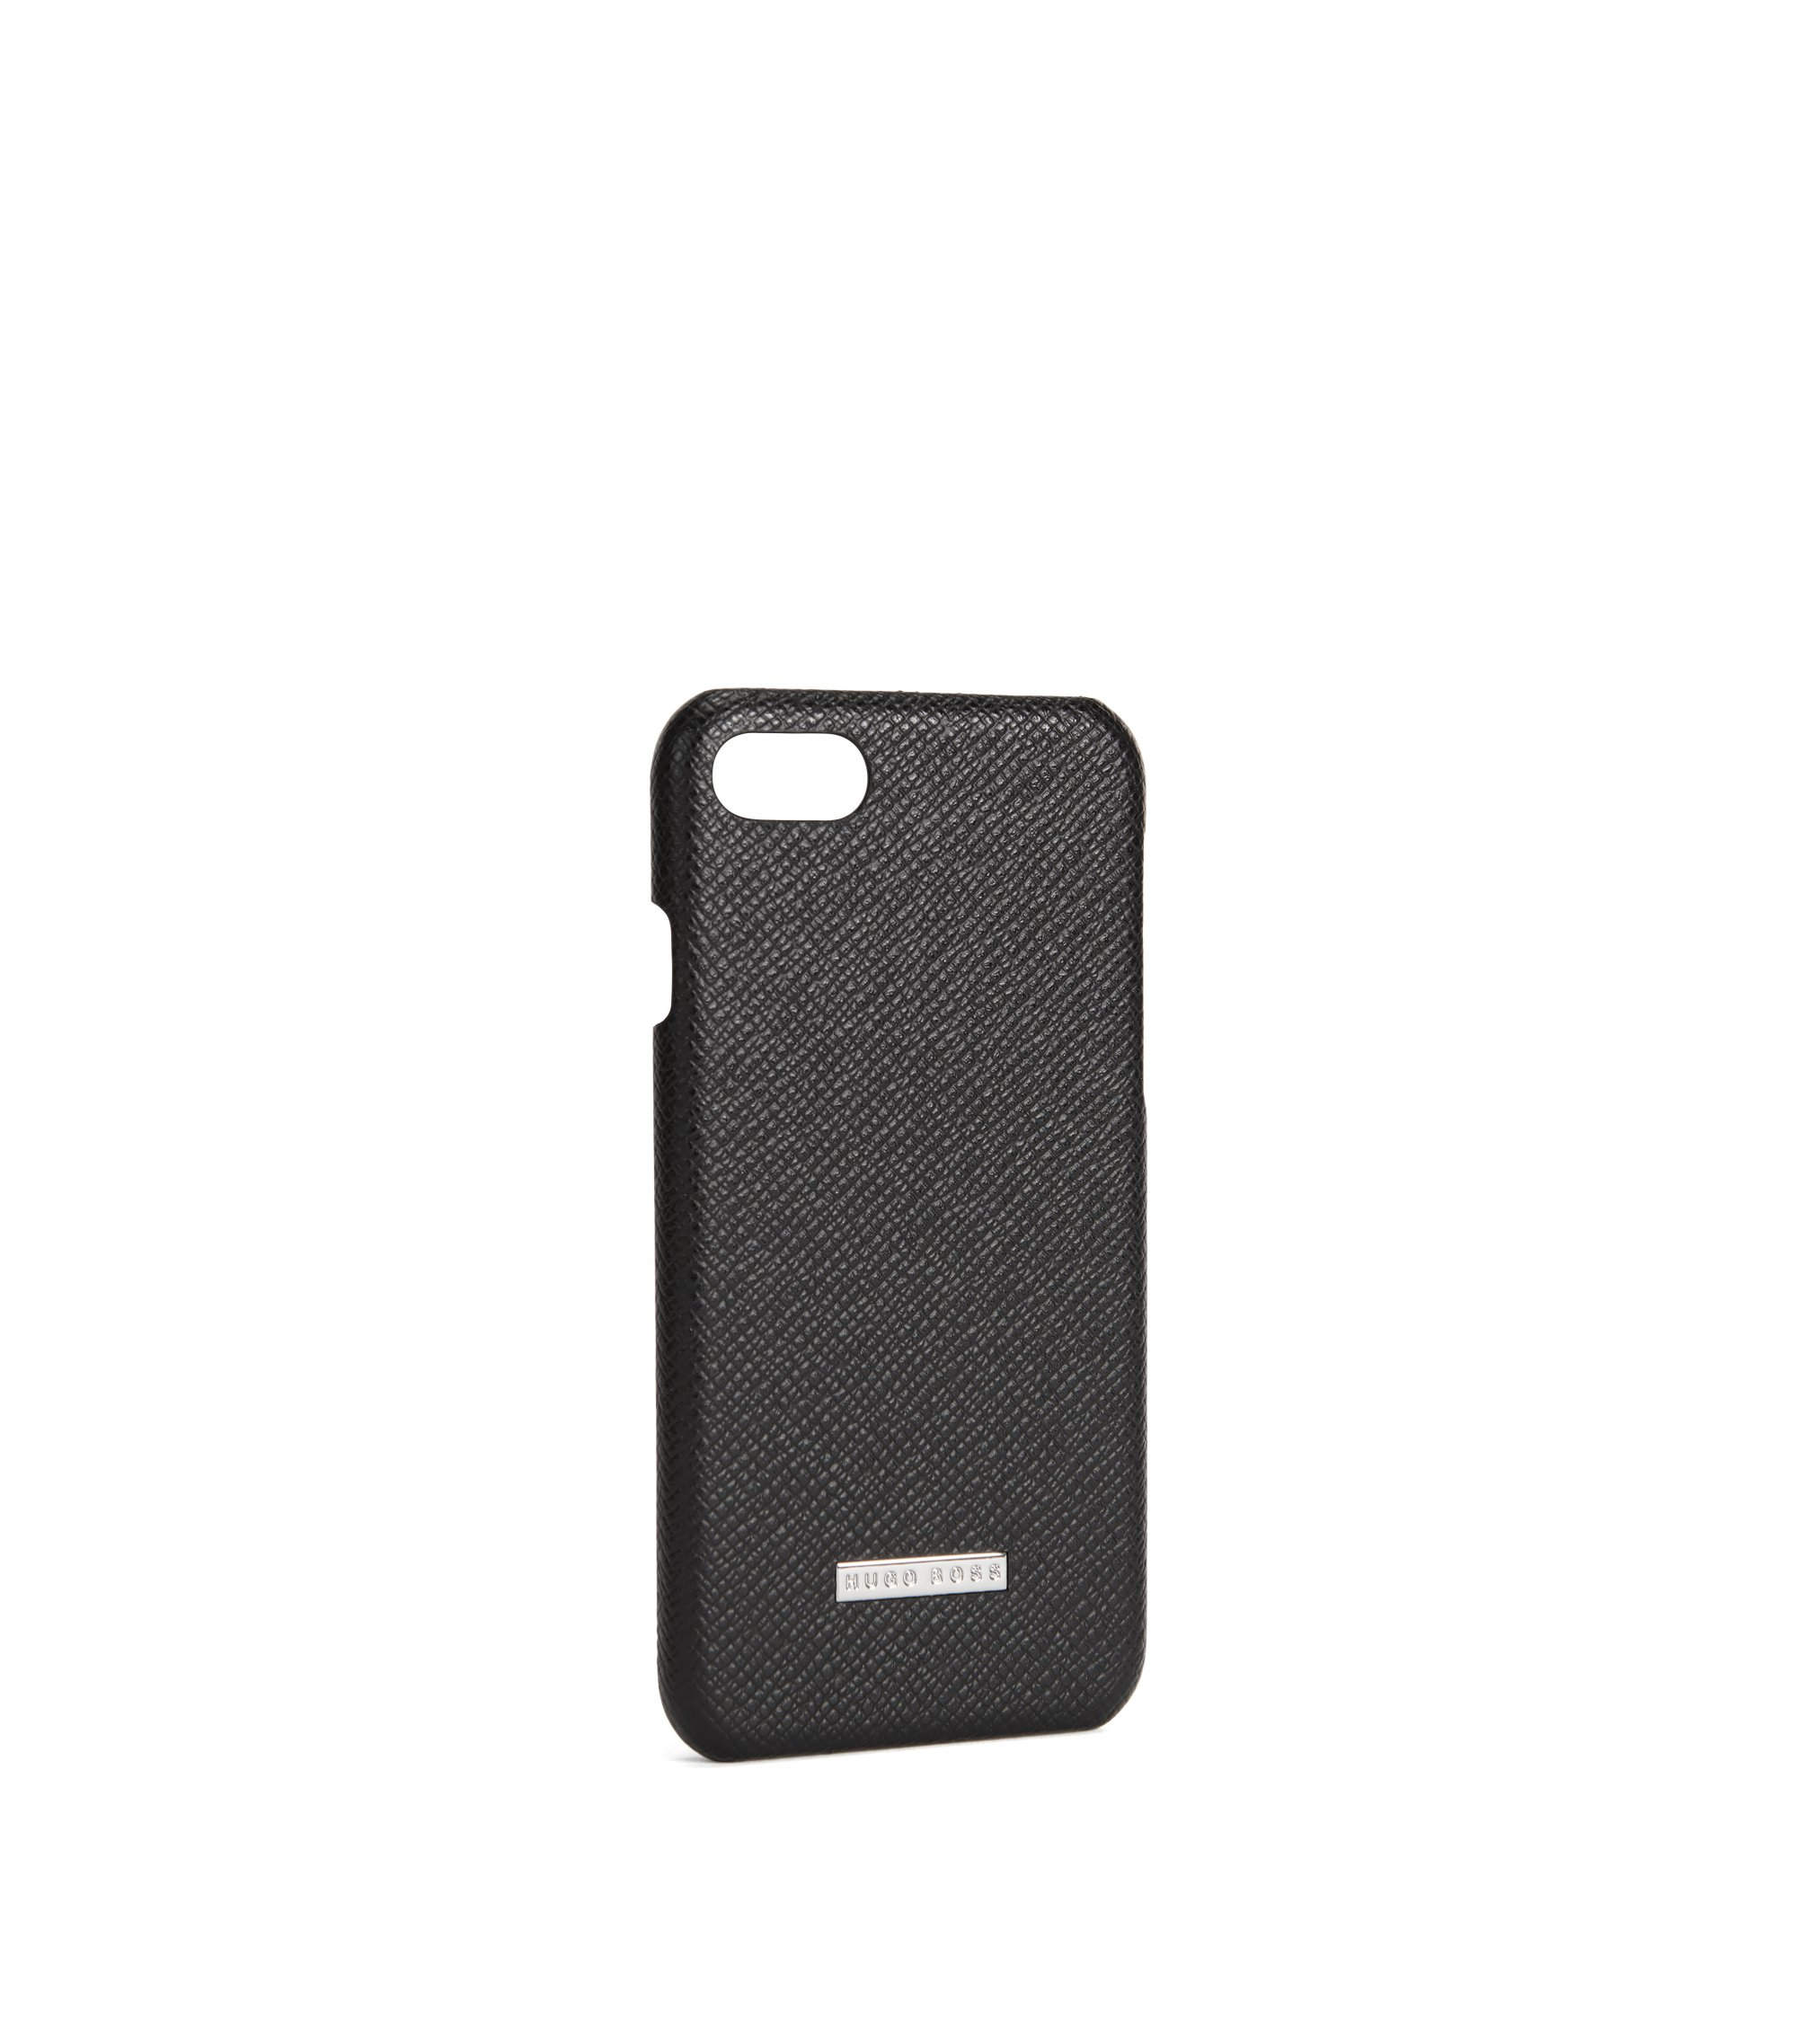 Embossed leather iPhone 7 Case | Signature Phone 7, Black